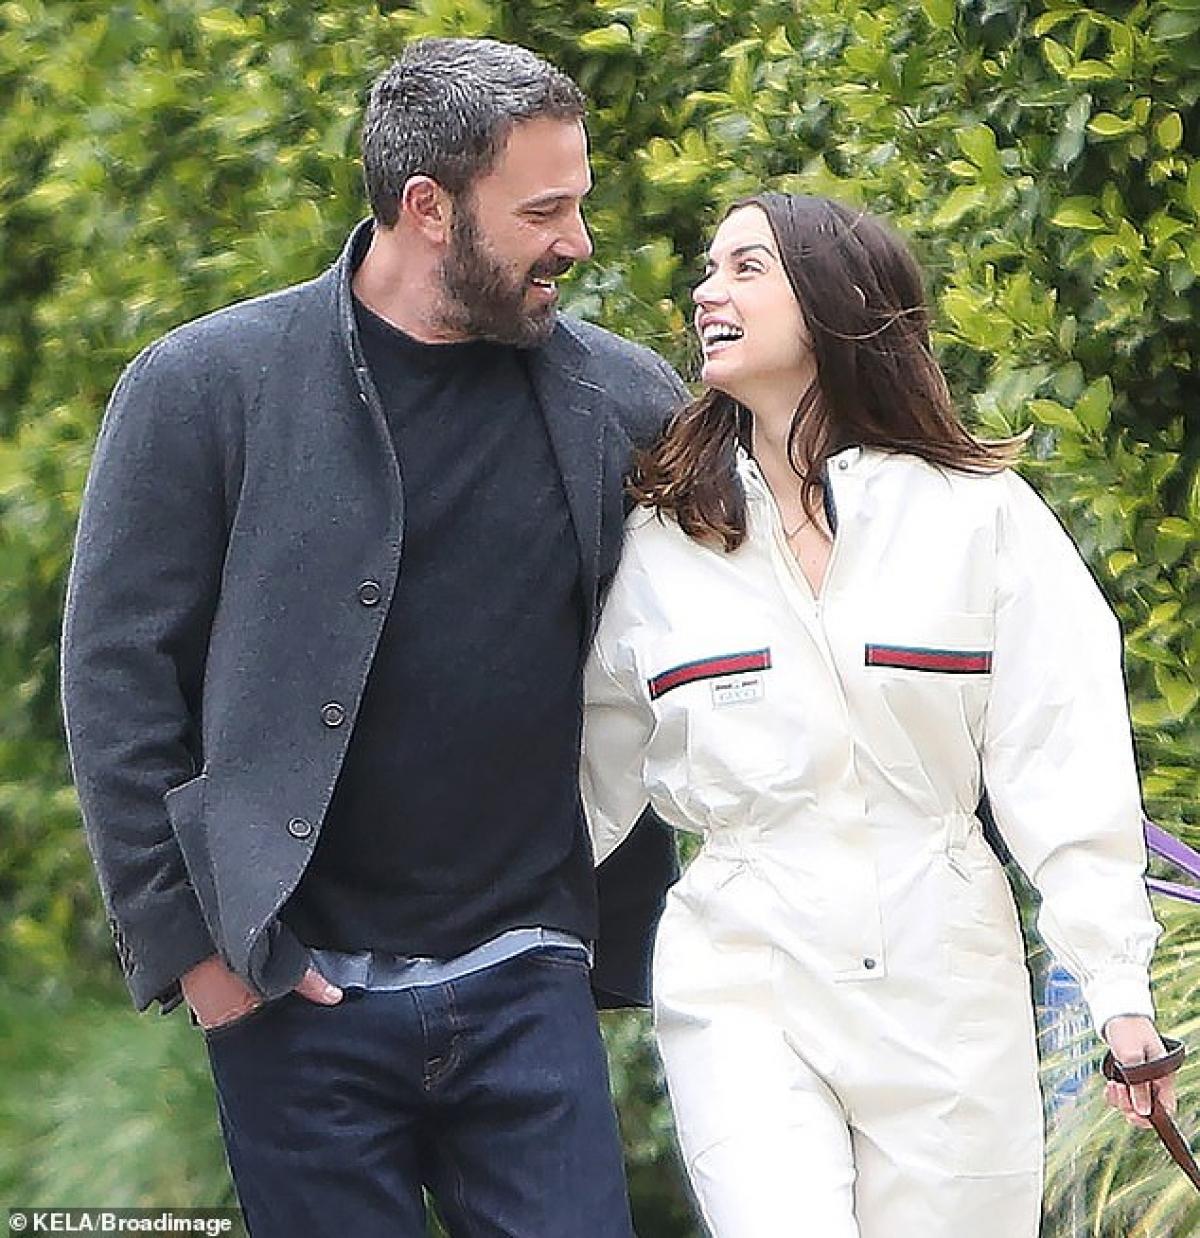 Lý do Ana de Armas và Ben Affleck chia tay vì nữ diễn viên trẻ không muốn định cư ở Los Angeles, trong khi bạn trai cô muốn sống ở đây vì các con của anh.